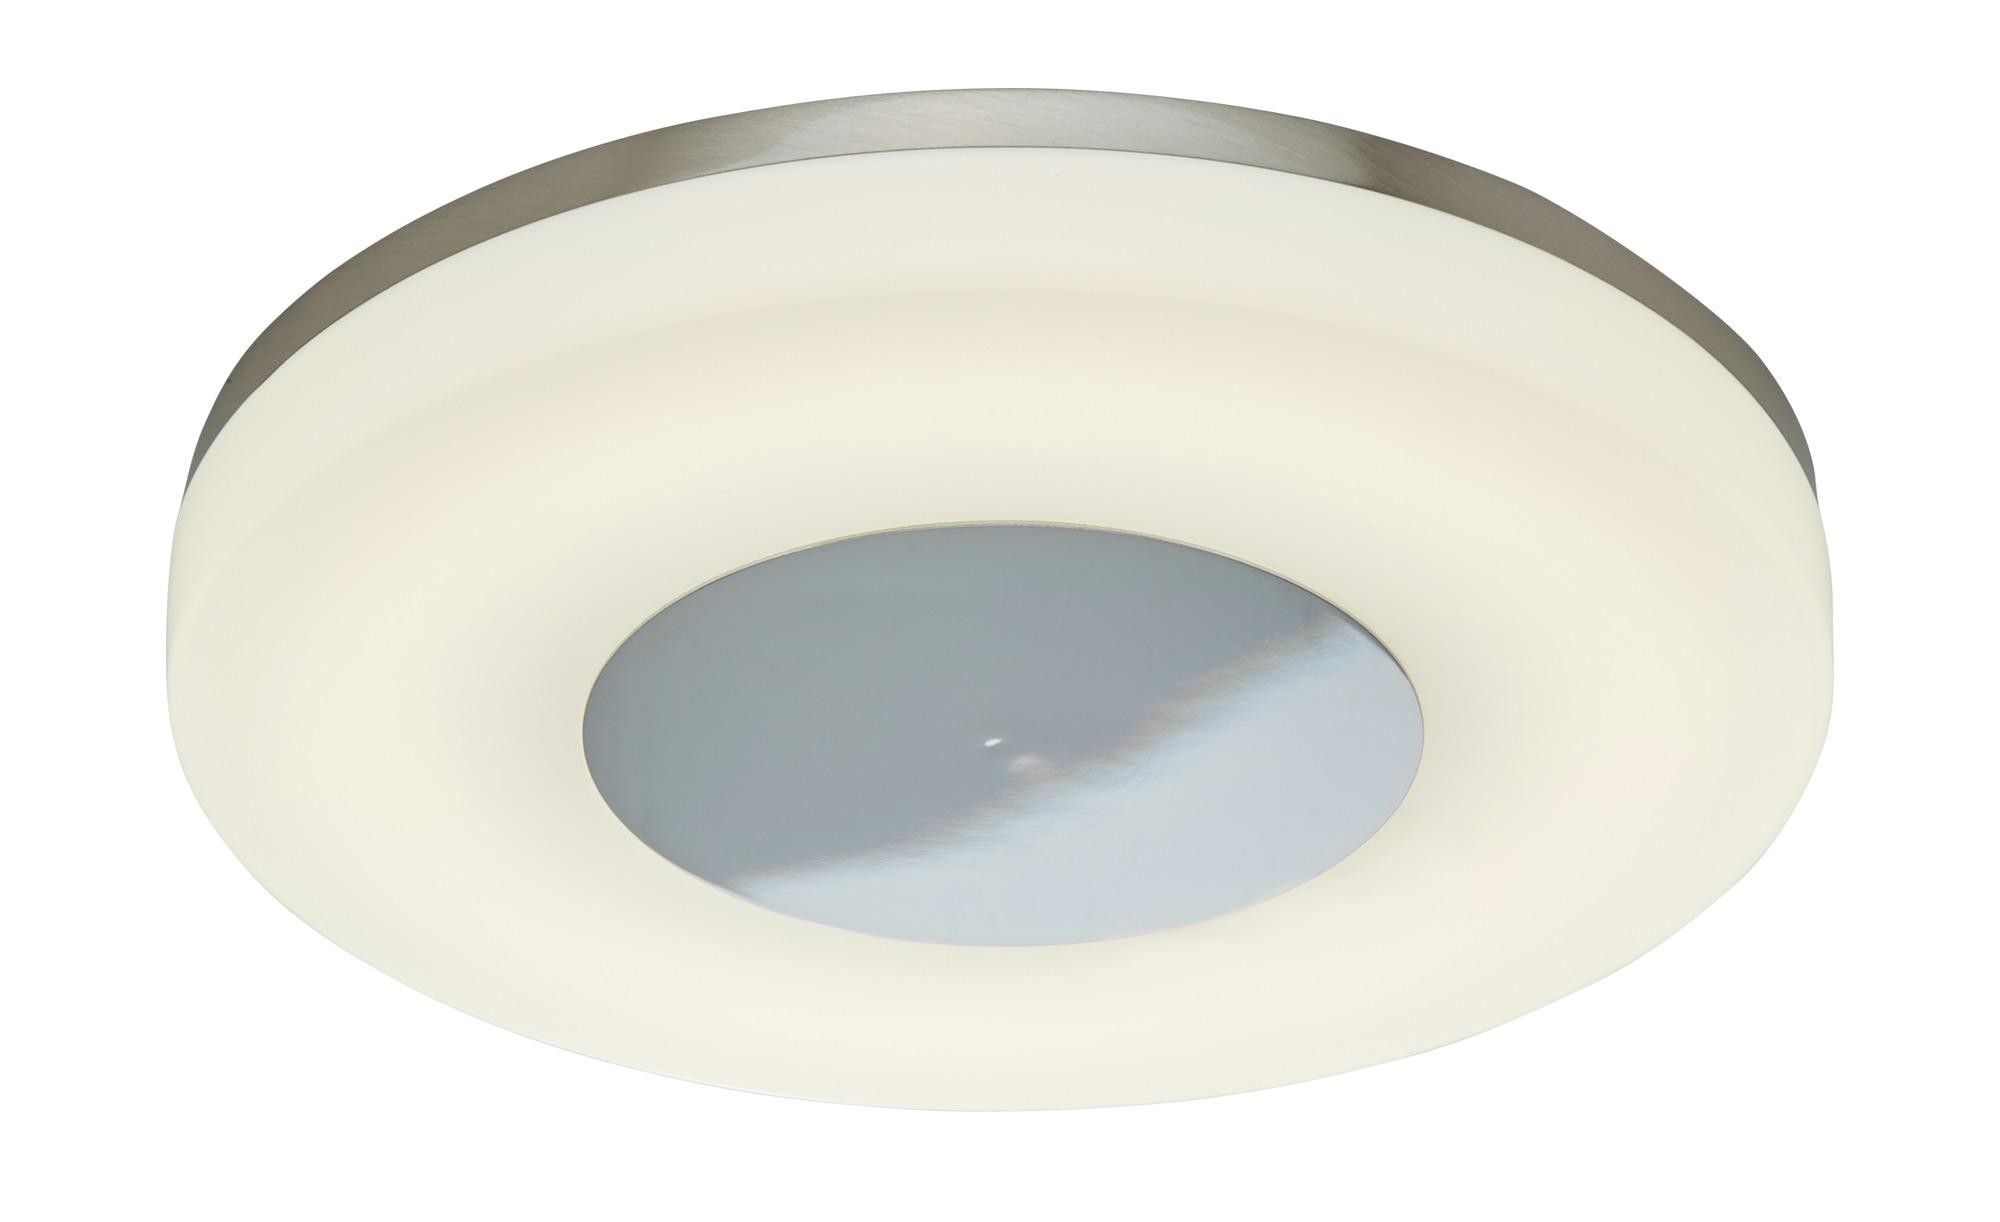 KHG LED- Deckenleuchte ¦ weiß ¦ Maße (cm): H: 5,5 Ø: 32 Lampen & Leuchten > Innenleuchten > Deckenleuchten - Höffner